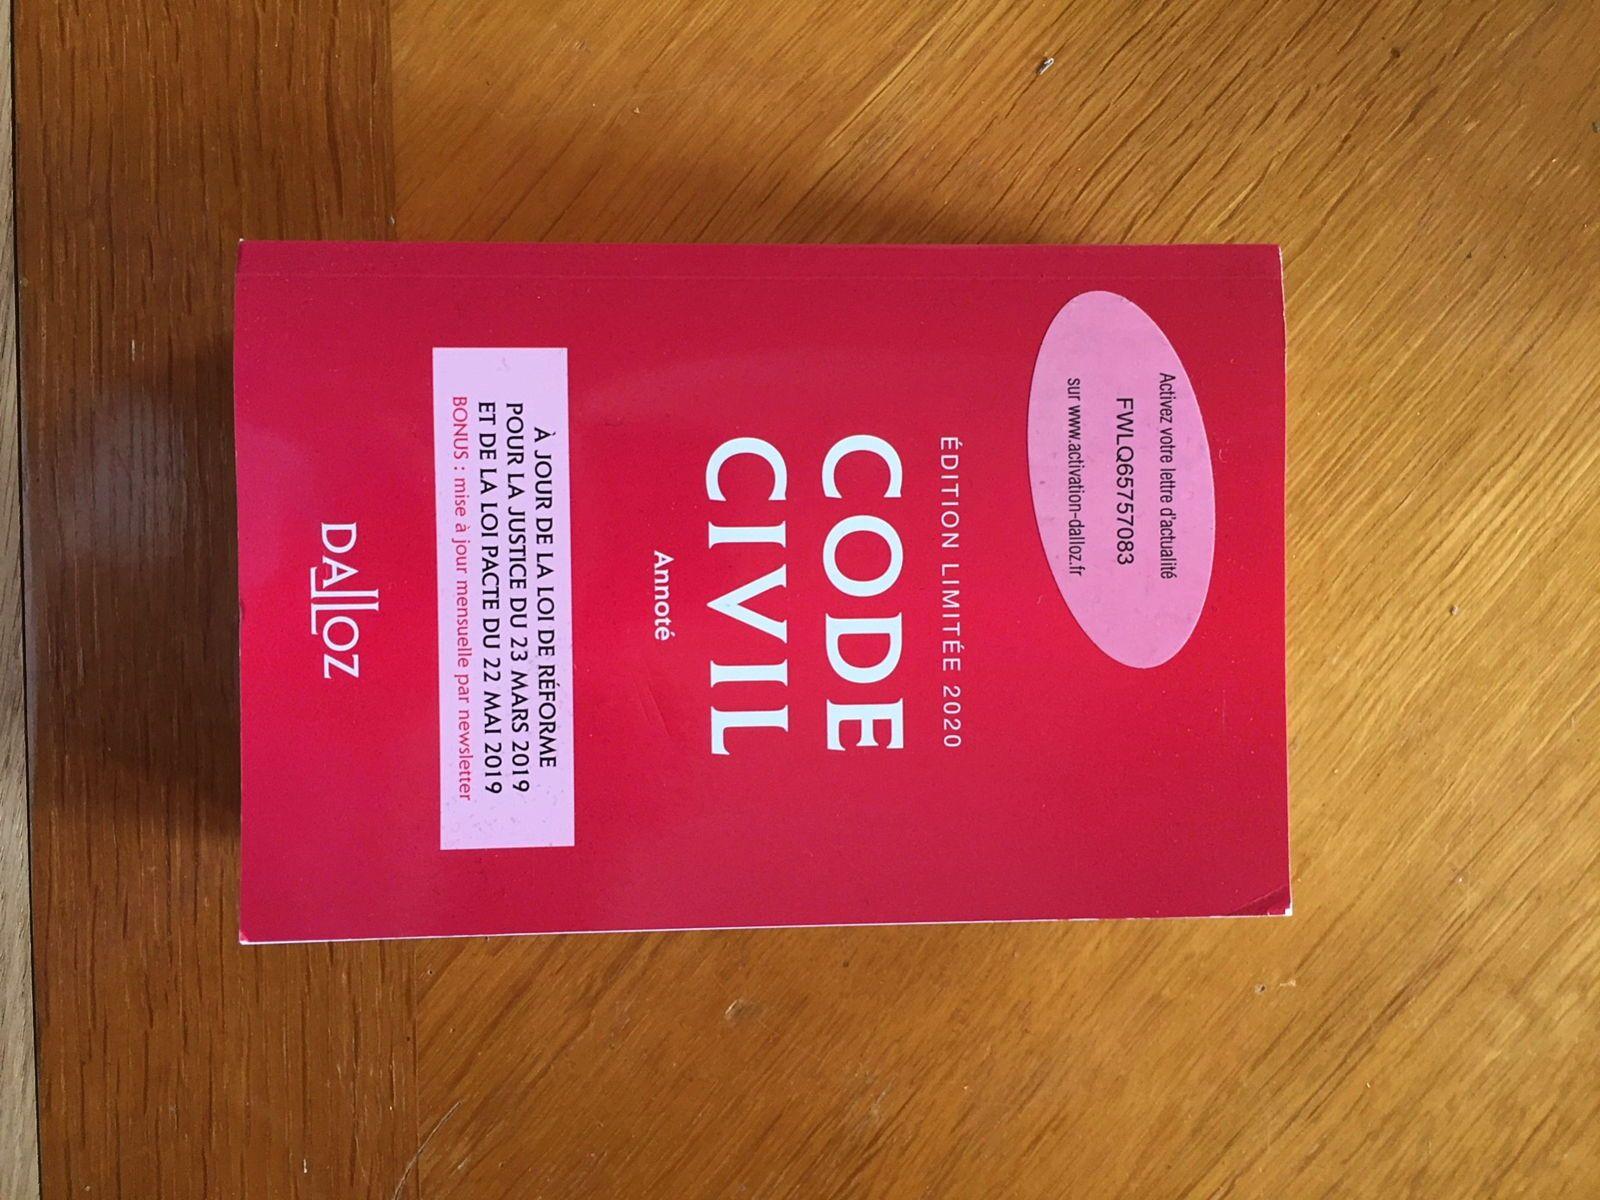 Vends code civil 2020